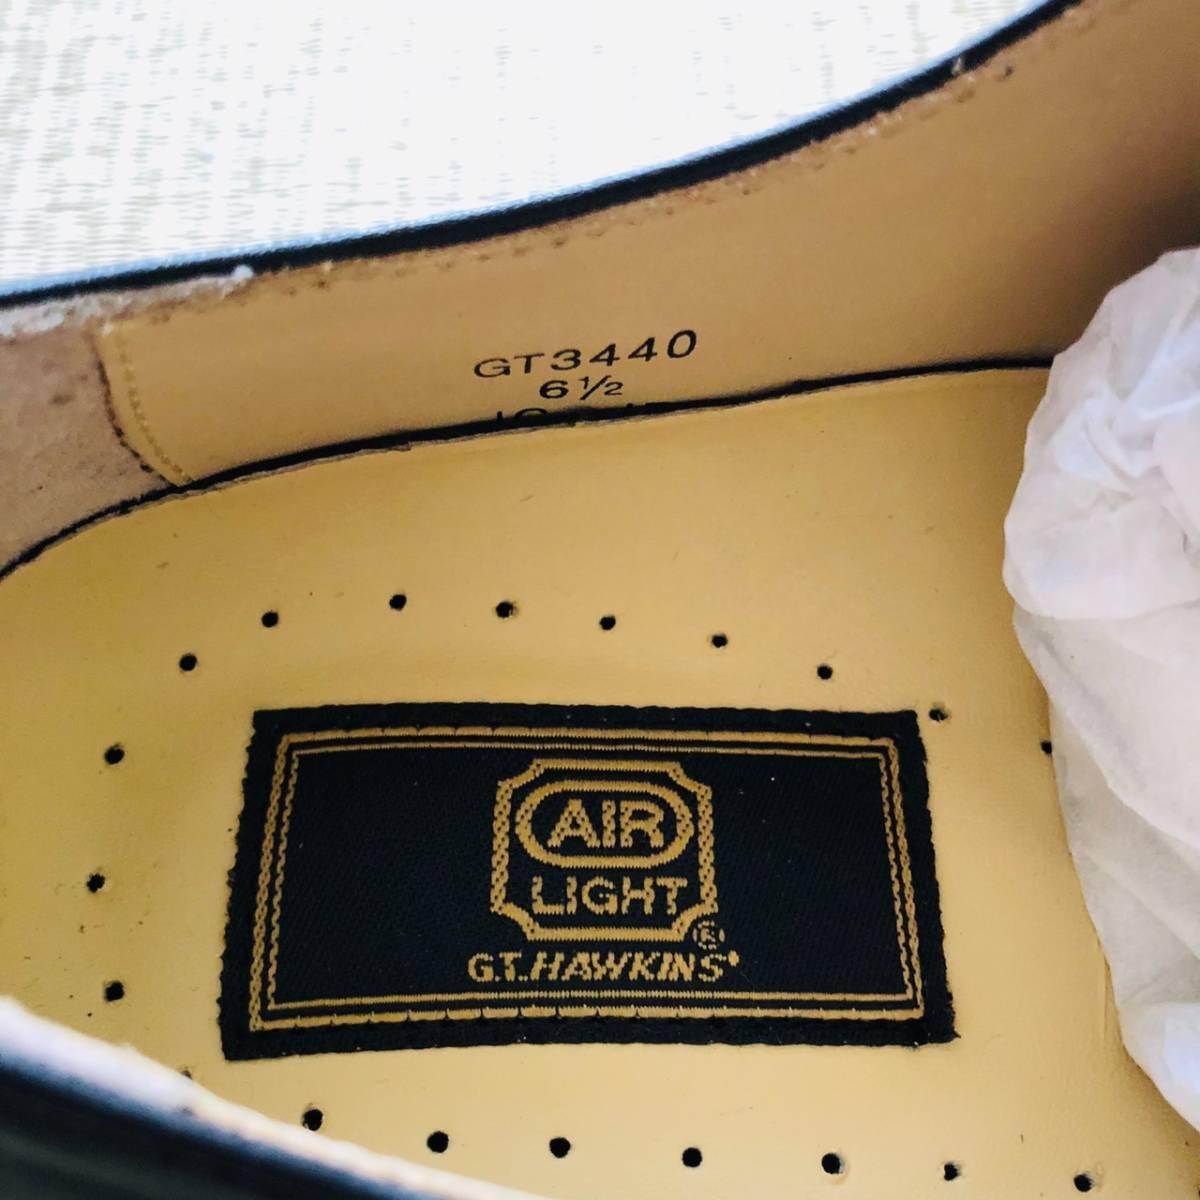 【未使用新品】GT HAWKINS AIR LIGHT 革靴 ビジネスシューズ 黒 6 24.5cm_画像3